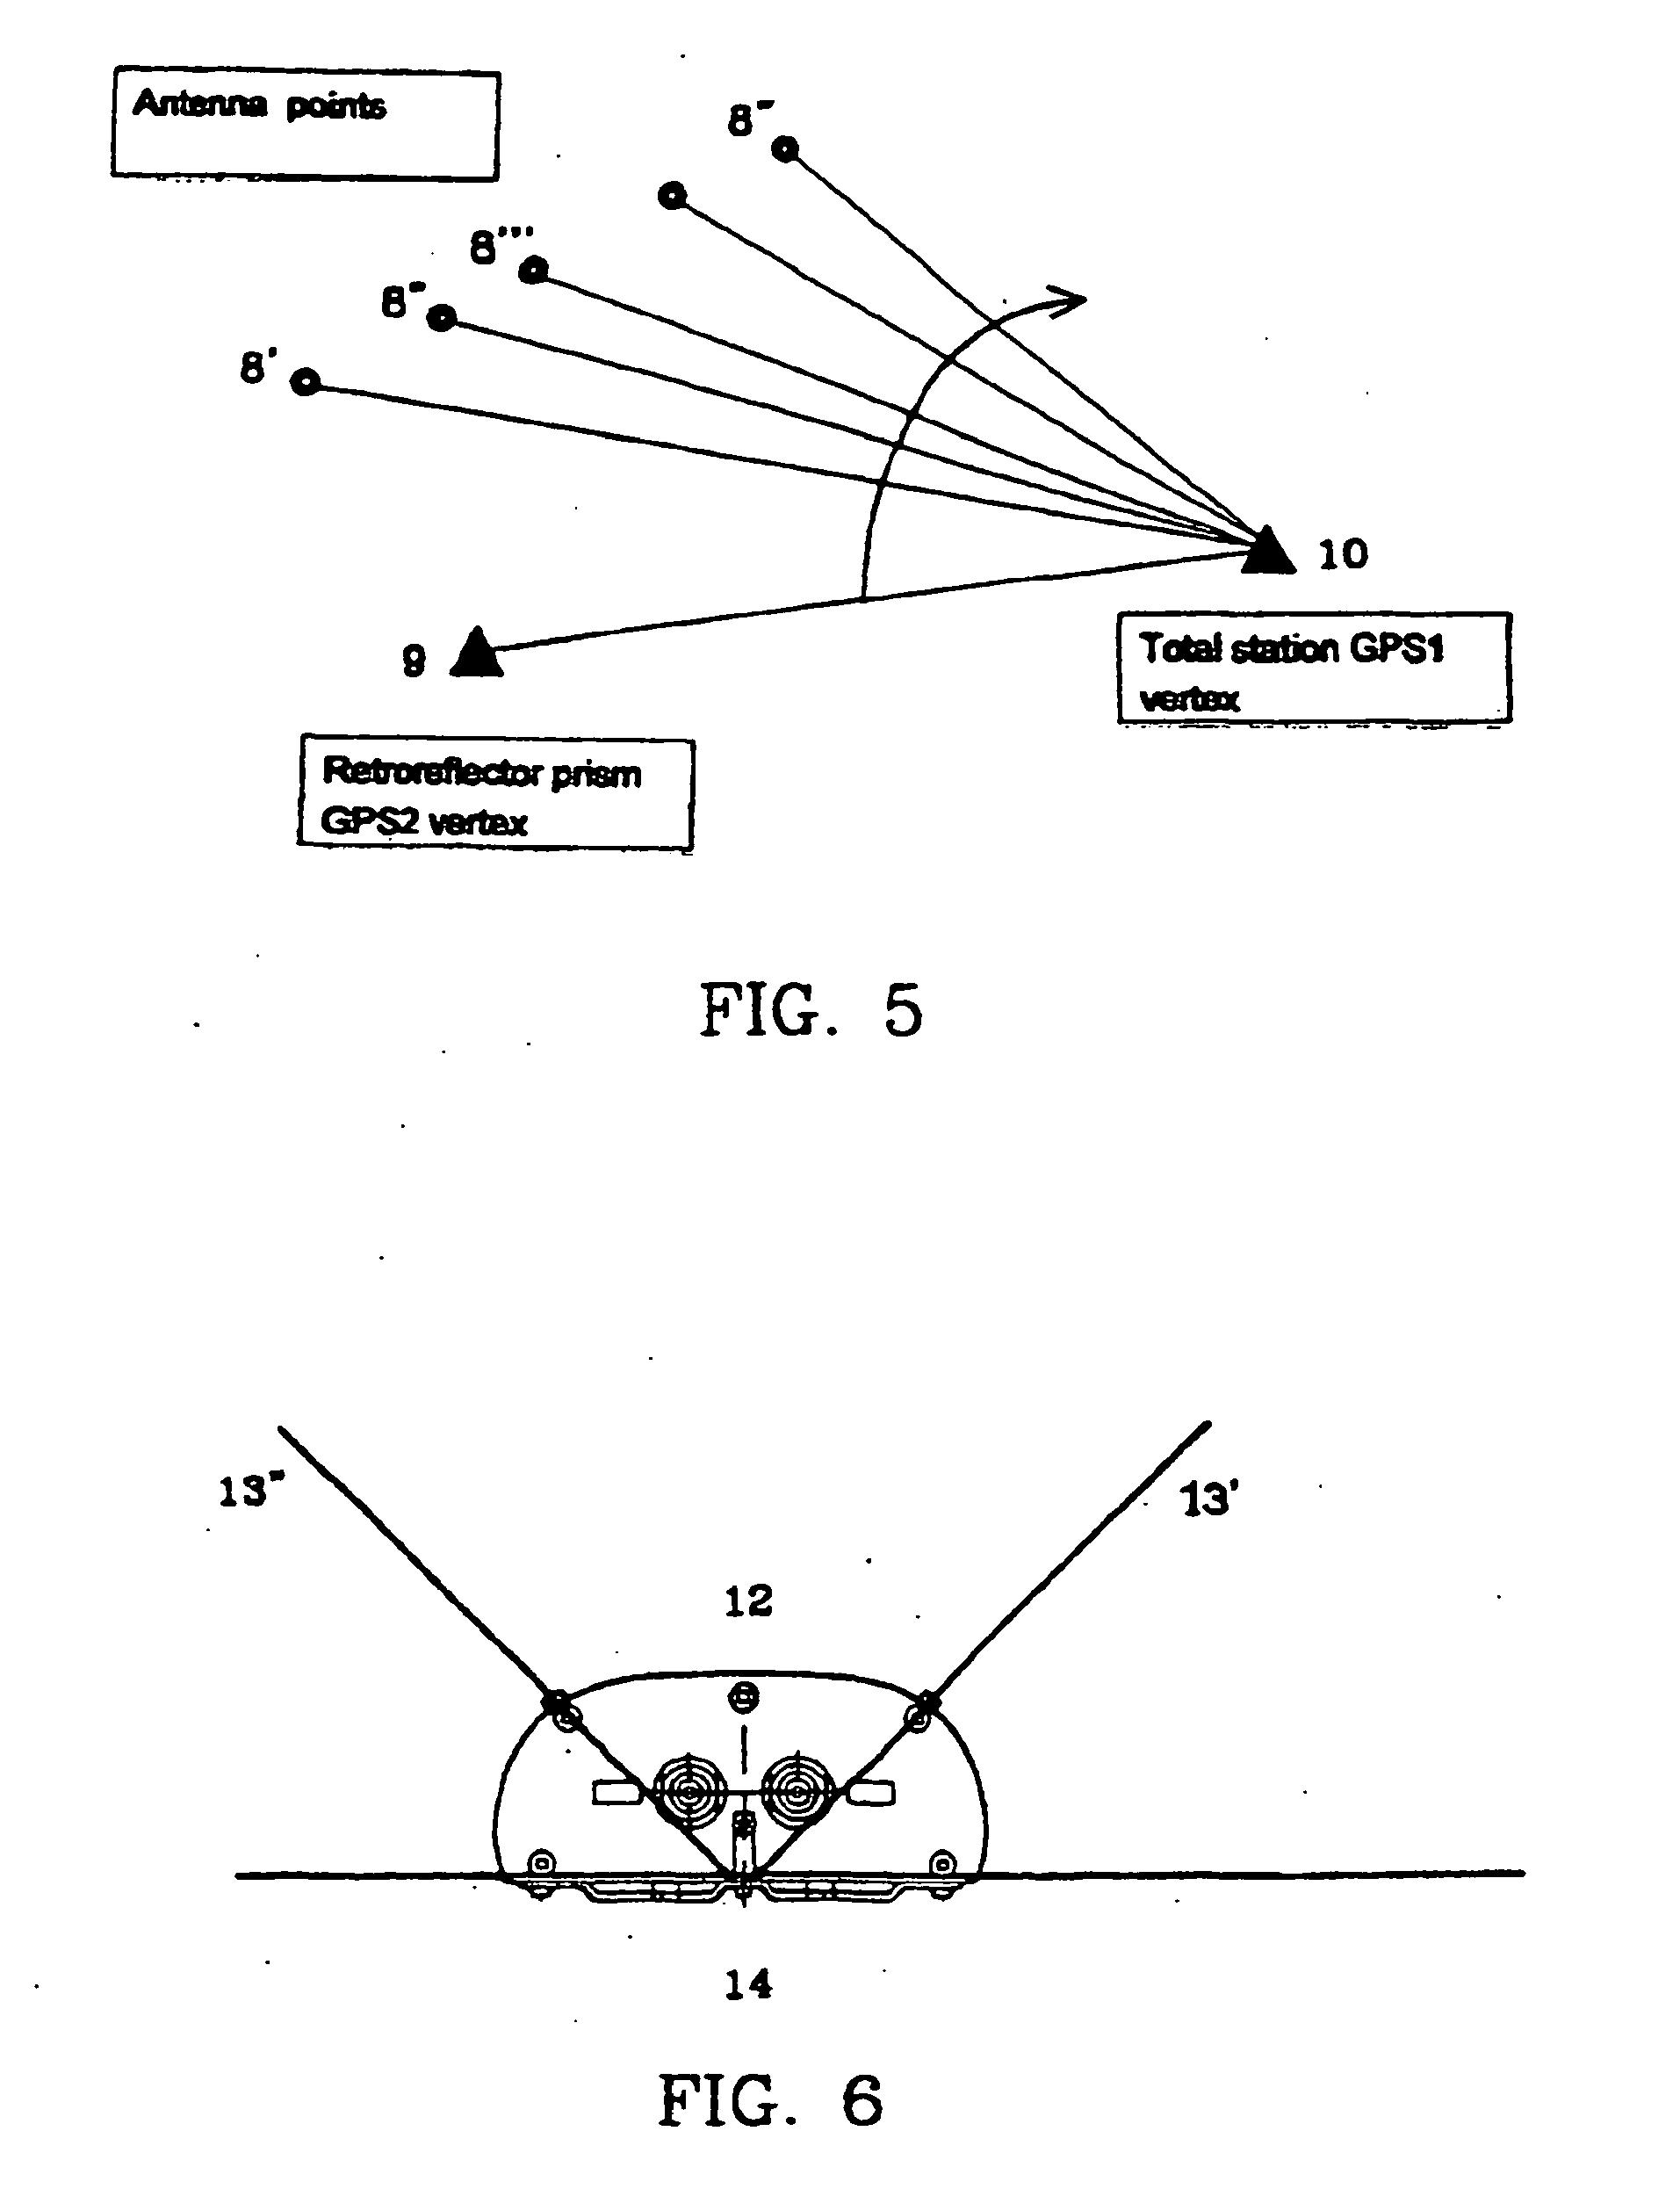 Microphone Plug Wiring Diagram in addition Cross Cable in addition Asppbwd1cipjb218nhlozksqcg5n z2fsmy awnsywiqdxn8a2v5fgrtecbjywjszsbwaw5vdxq in addition Unbalanced Xlr Wiring likewise Sdo Cable Wiring Diagram. on xlr cat5 wiring diagram